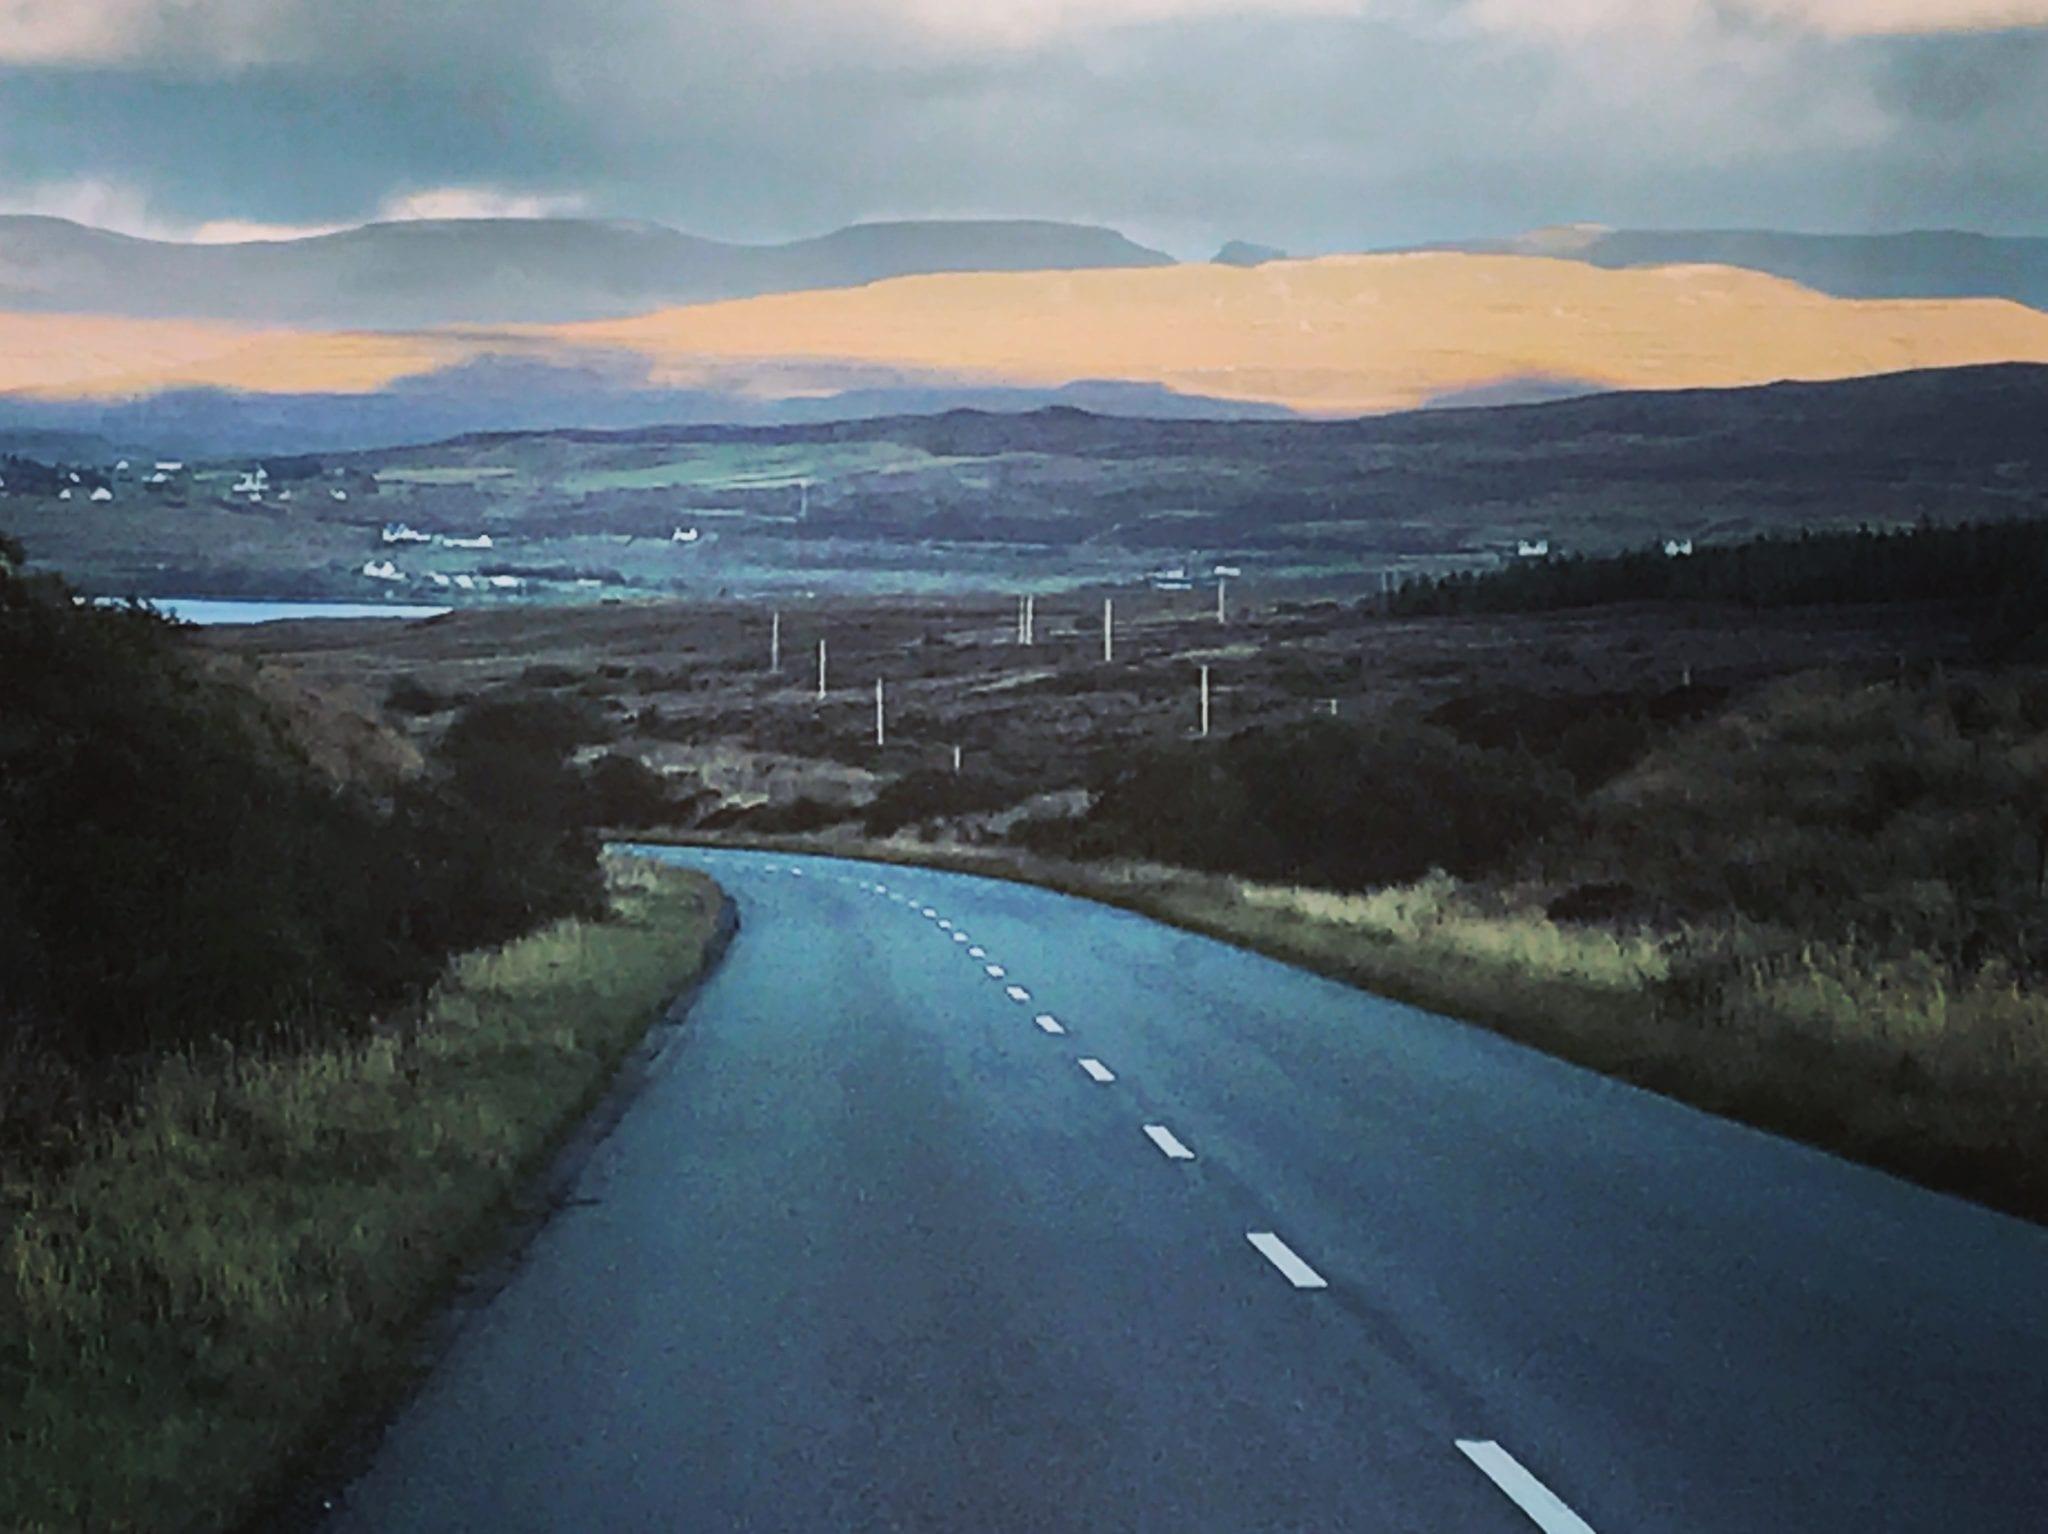 Moody sky on an empty windy road in Scotland